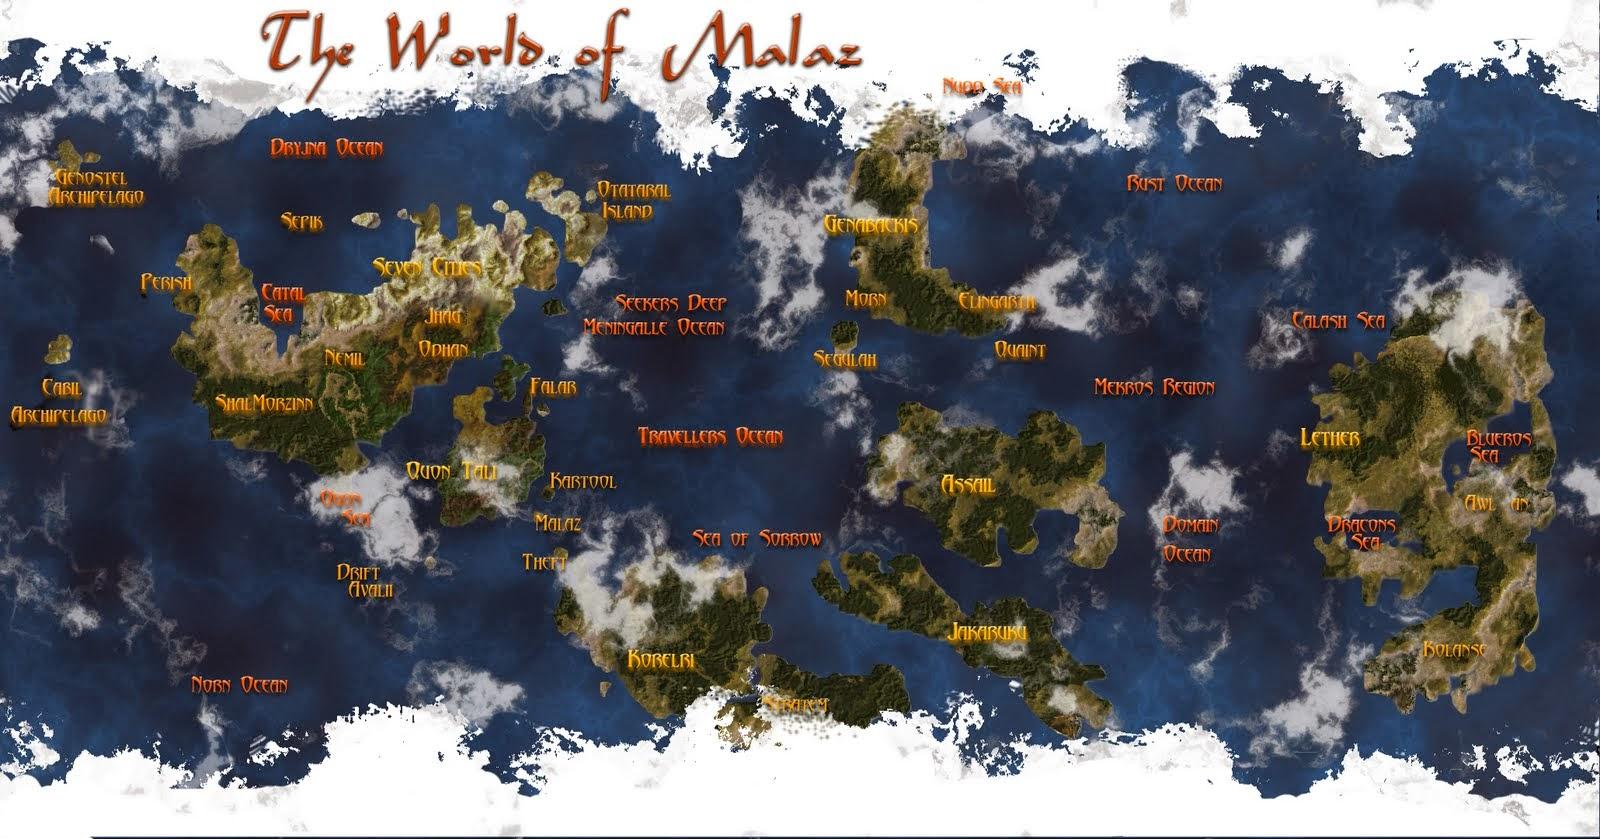 Post Oficial -- Malaz --  El Libro de los Caidos + El Imperio --  Map_malazan_mapa